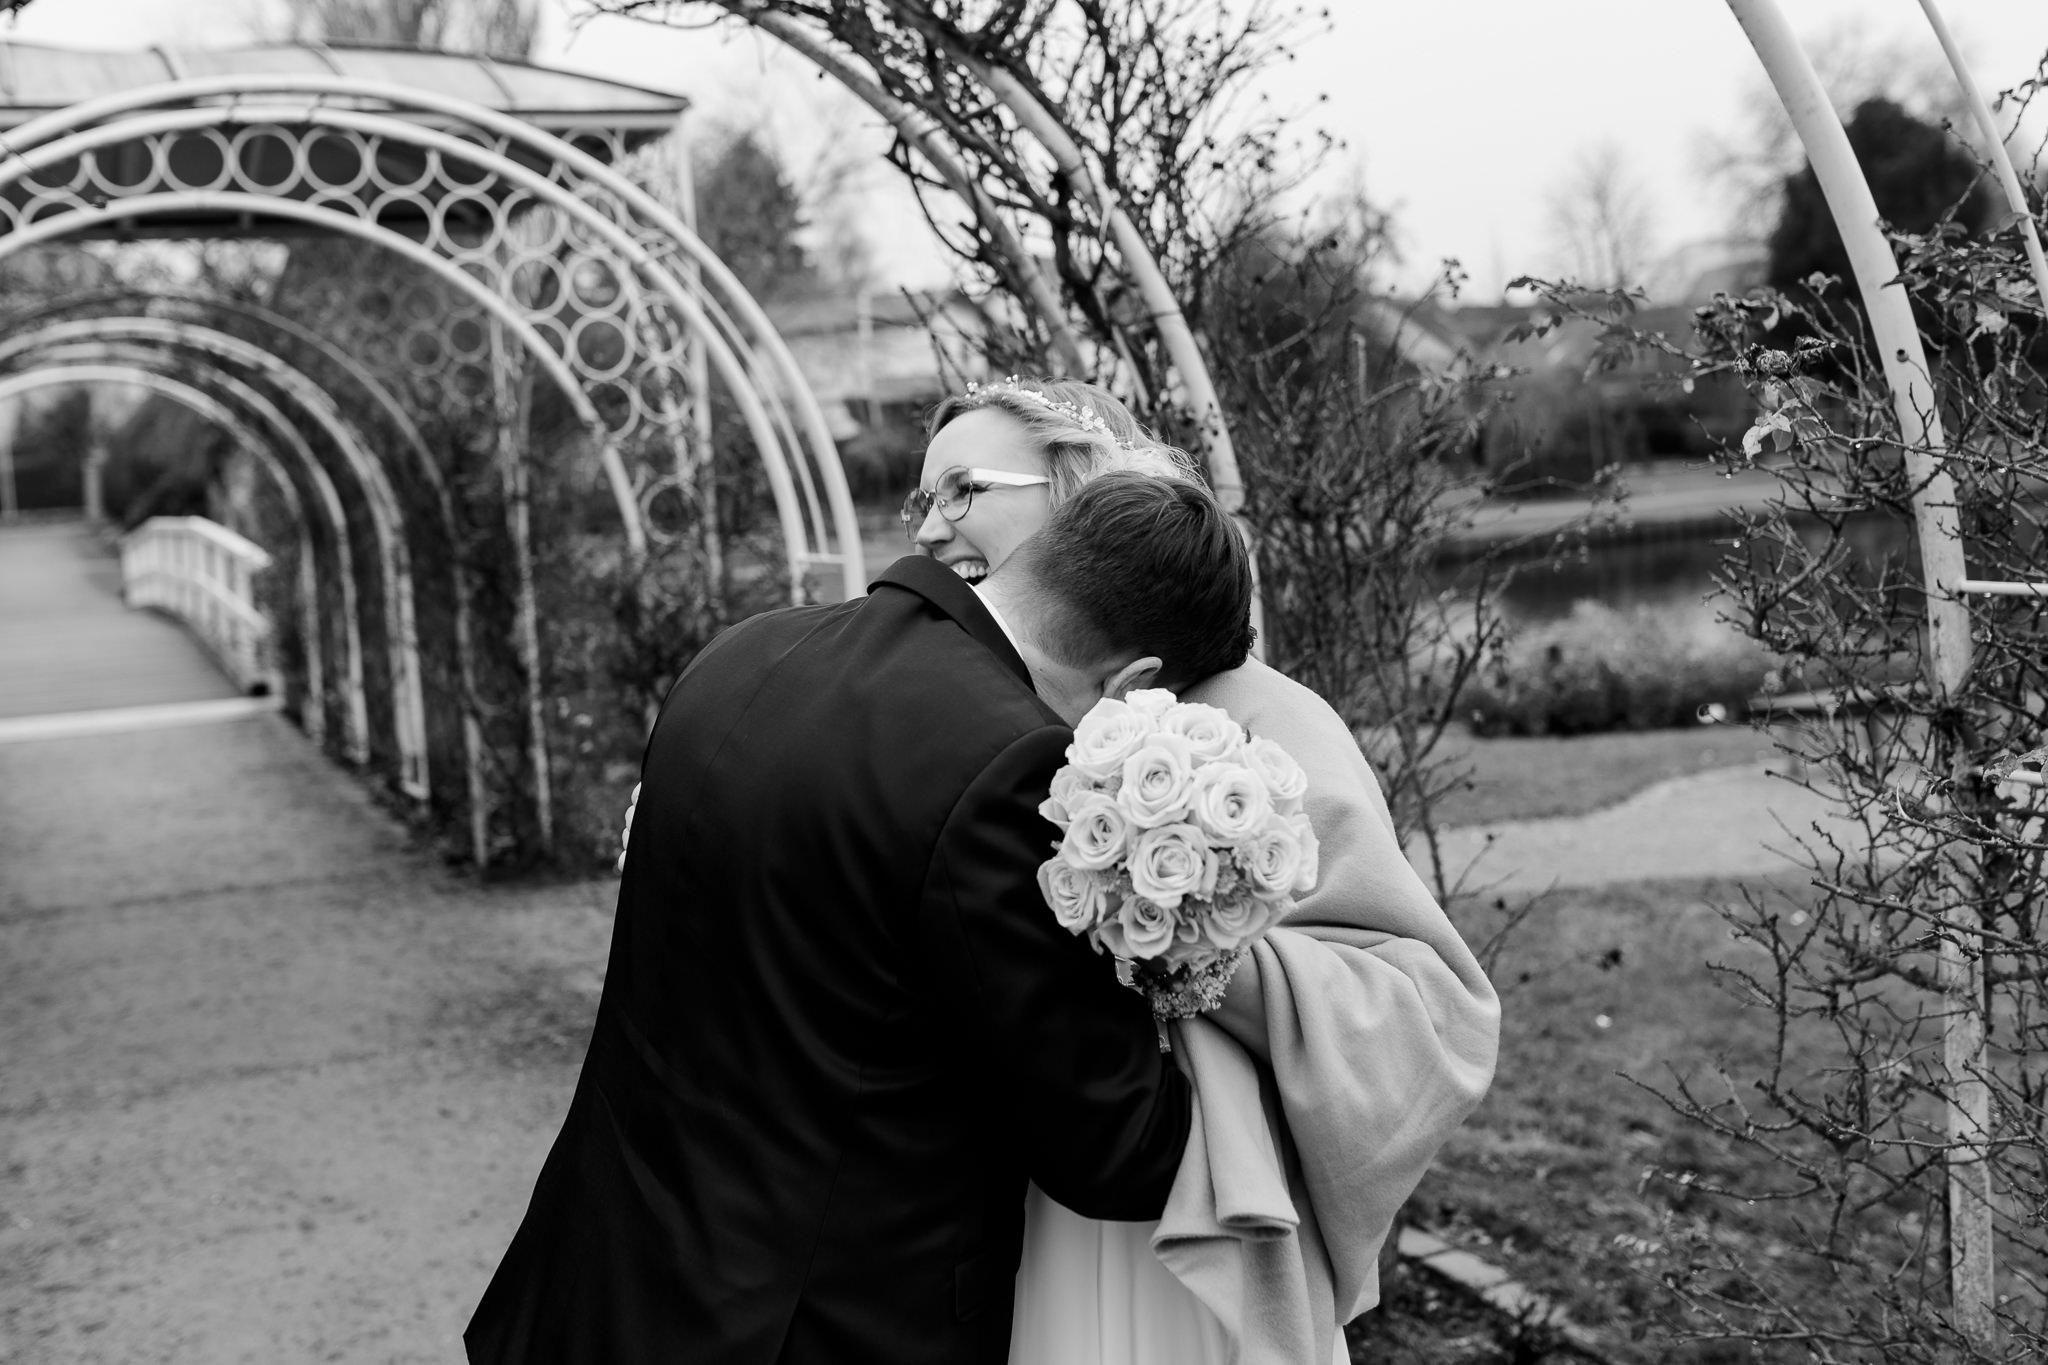 Silvesterhochzeit: das Brautpaar lacht herzhaft beim Fotoshooting dieser Winterhochzeit